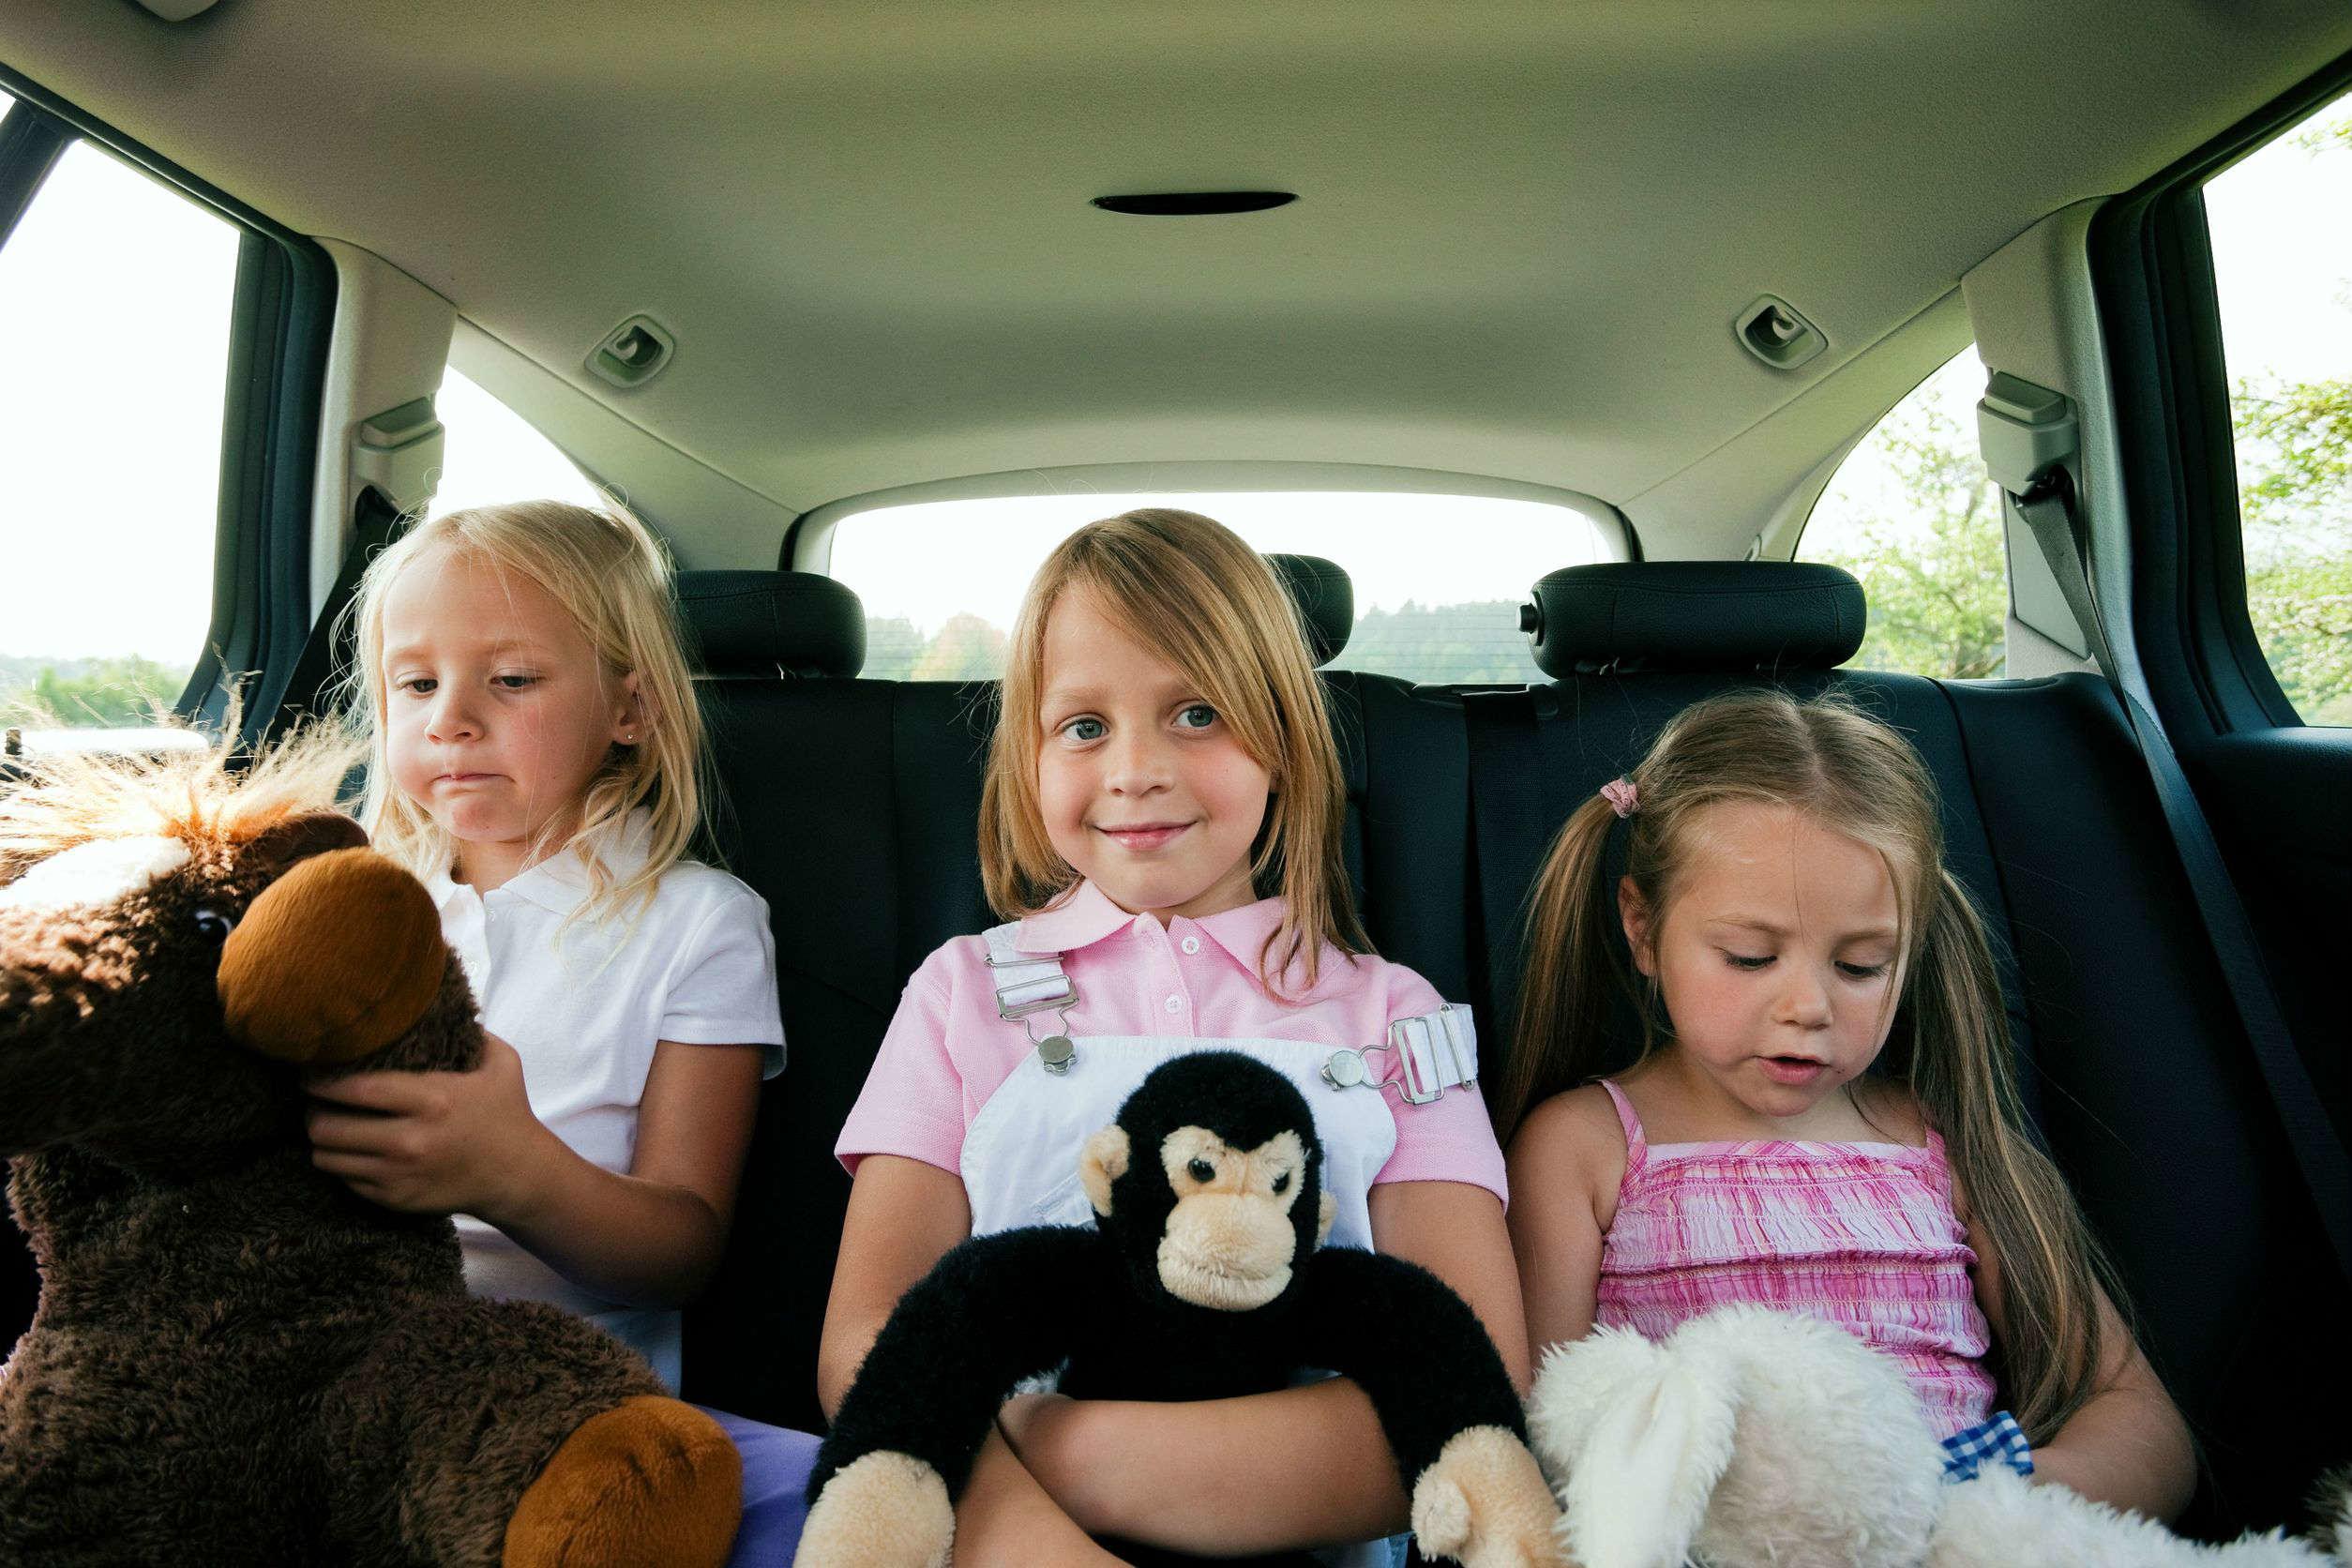 blog/196/Kids in cars 2